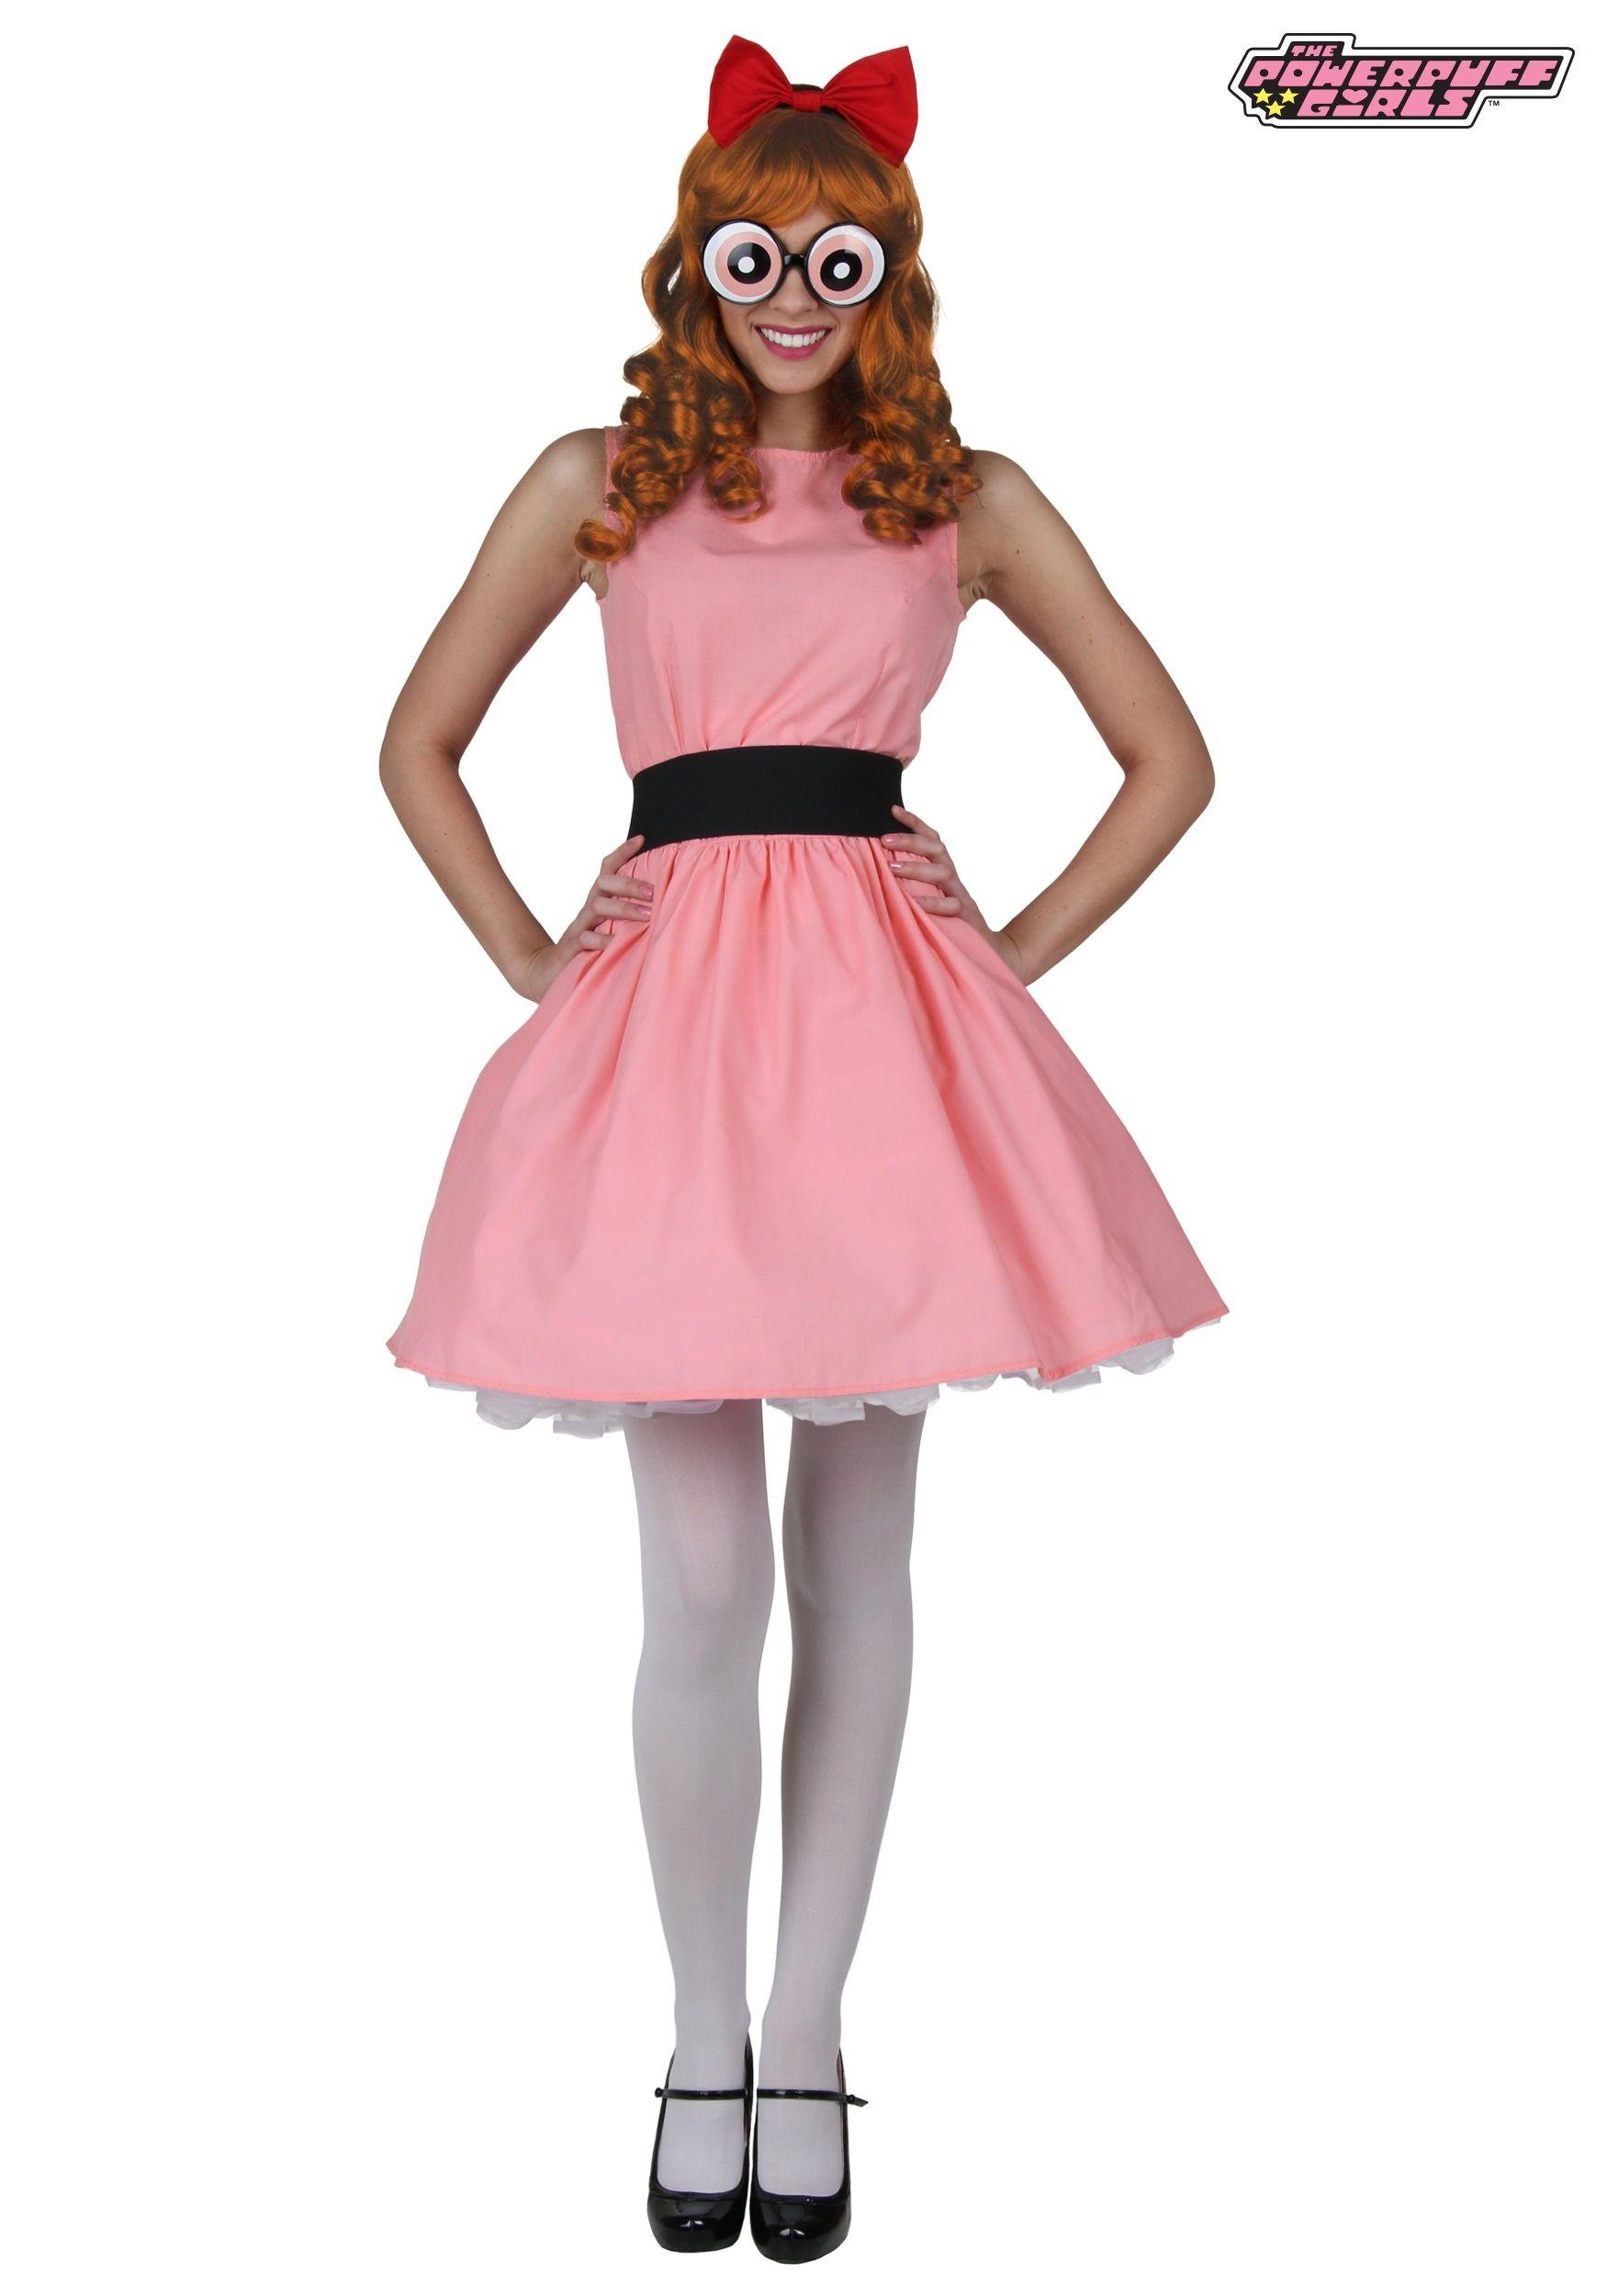 Blossom Powerpuff Girl Costume Powerpuff girls costume